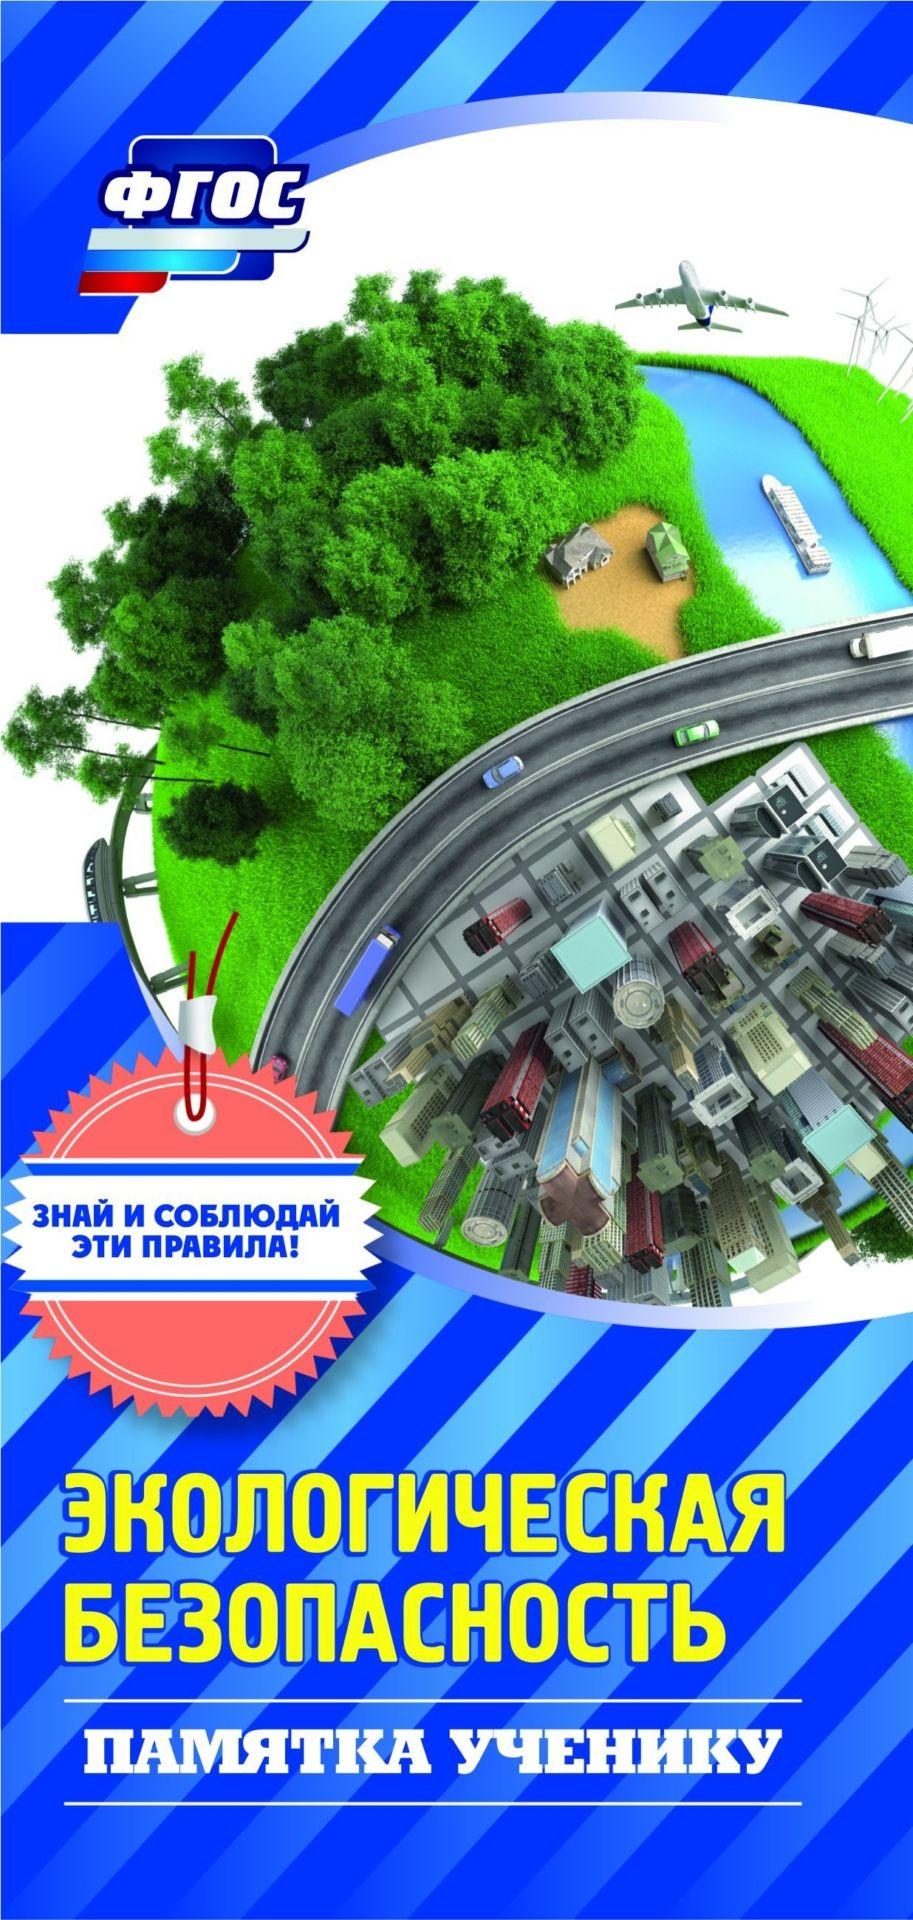 Памятка ученику по экологической безопасностиНачальная школа<br>Бумага офсетная.<br><br>Год: 2017